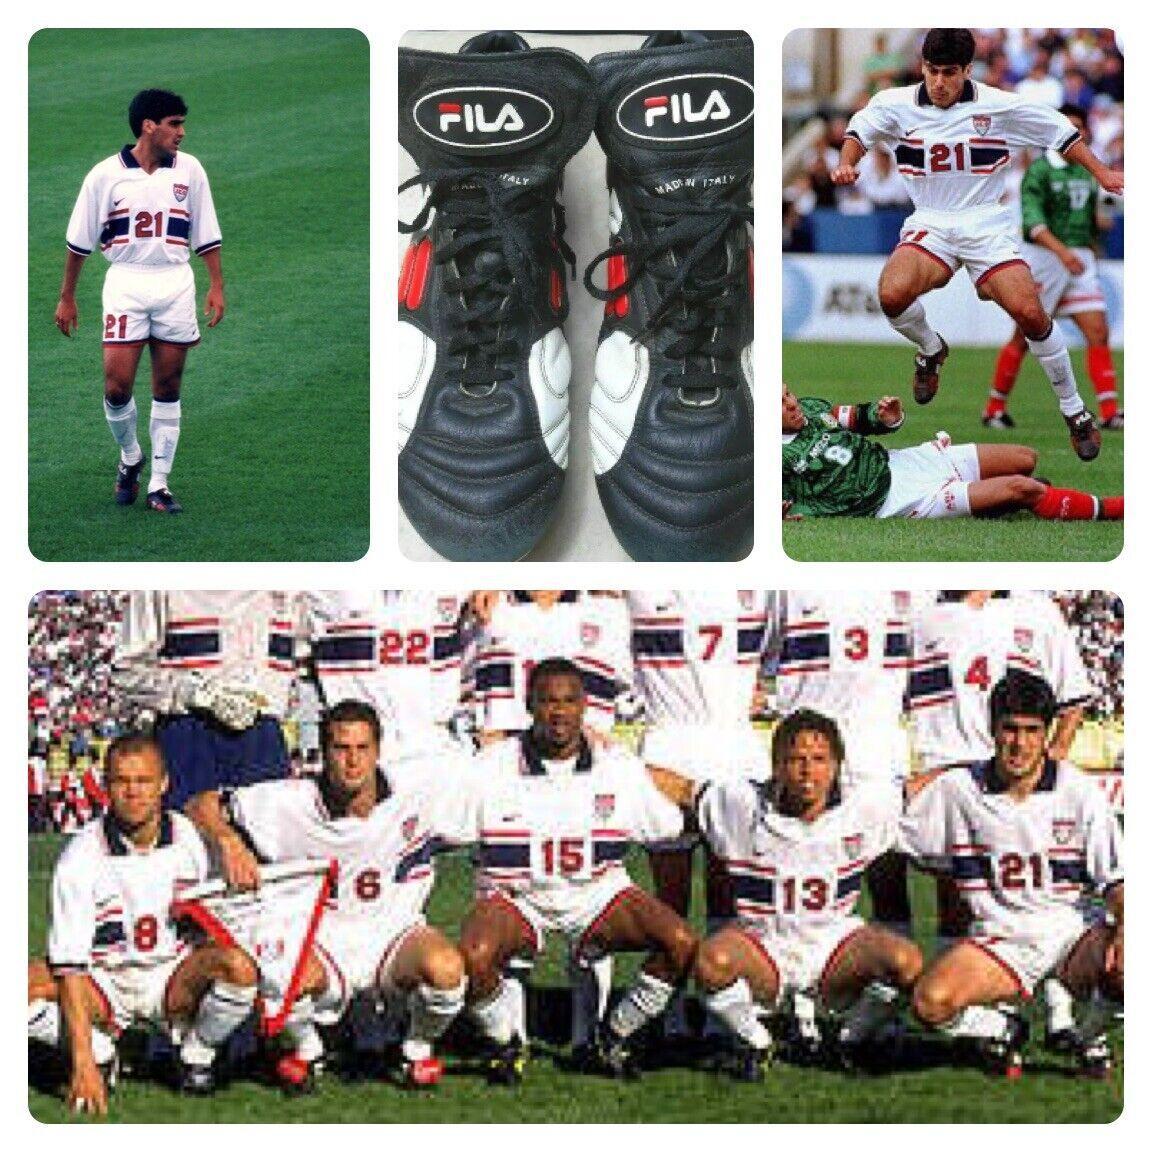 Fila Vintage Usmnt 1995 Claudio Reyna SG Botines De Fútbol Zapatos EE. UU. 9.5